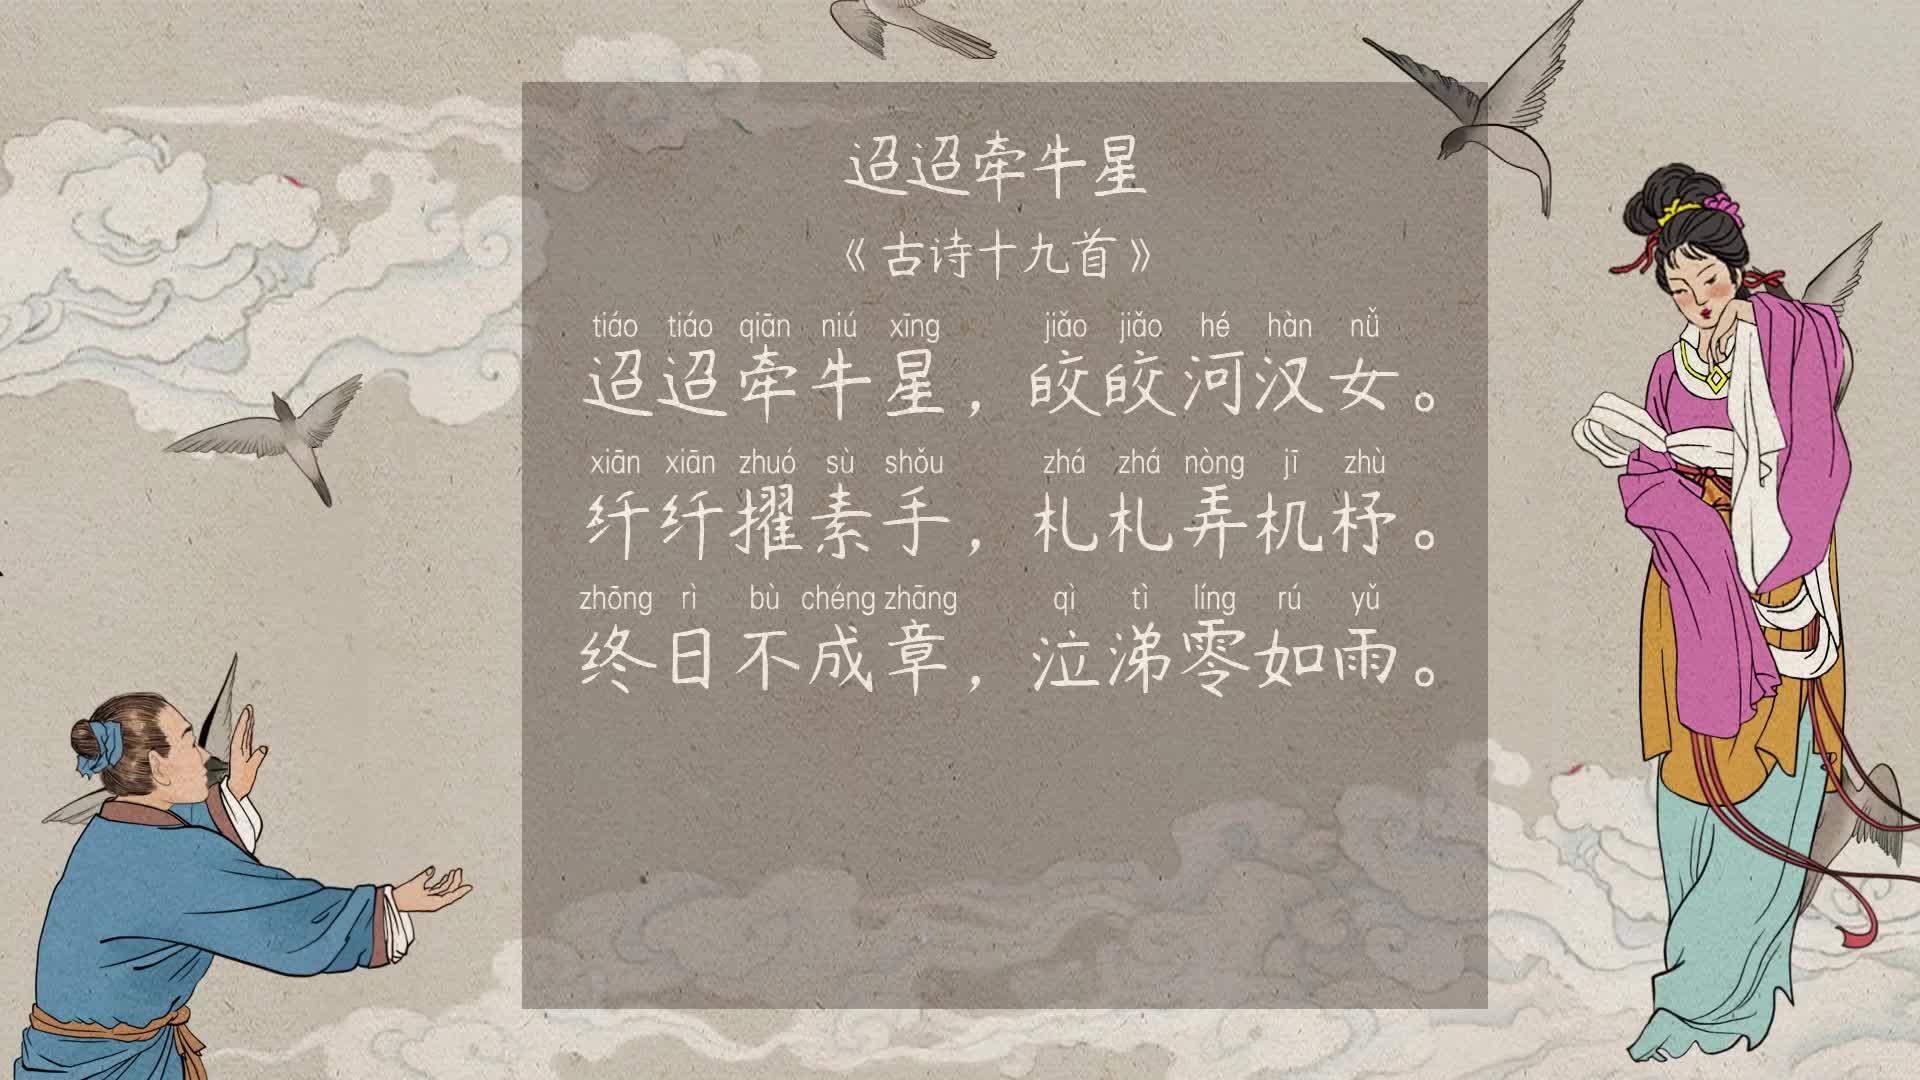 《小学古诗》103迢迢牵牛星-《古诗十九首》